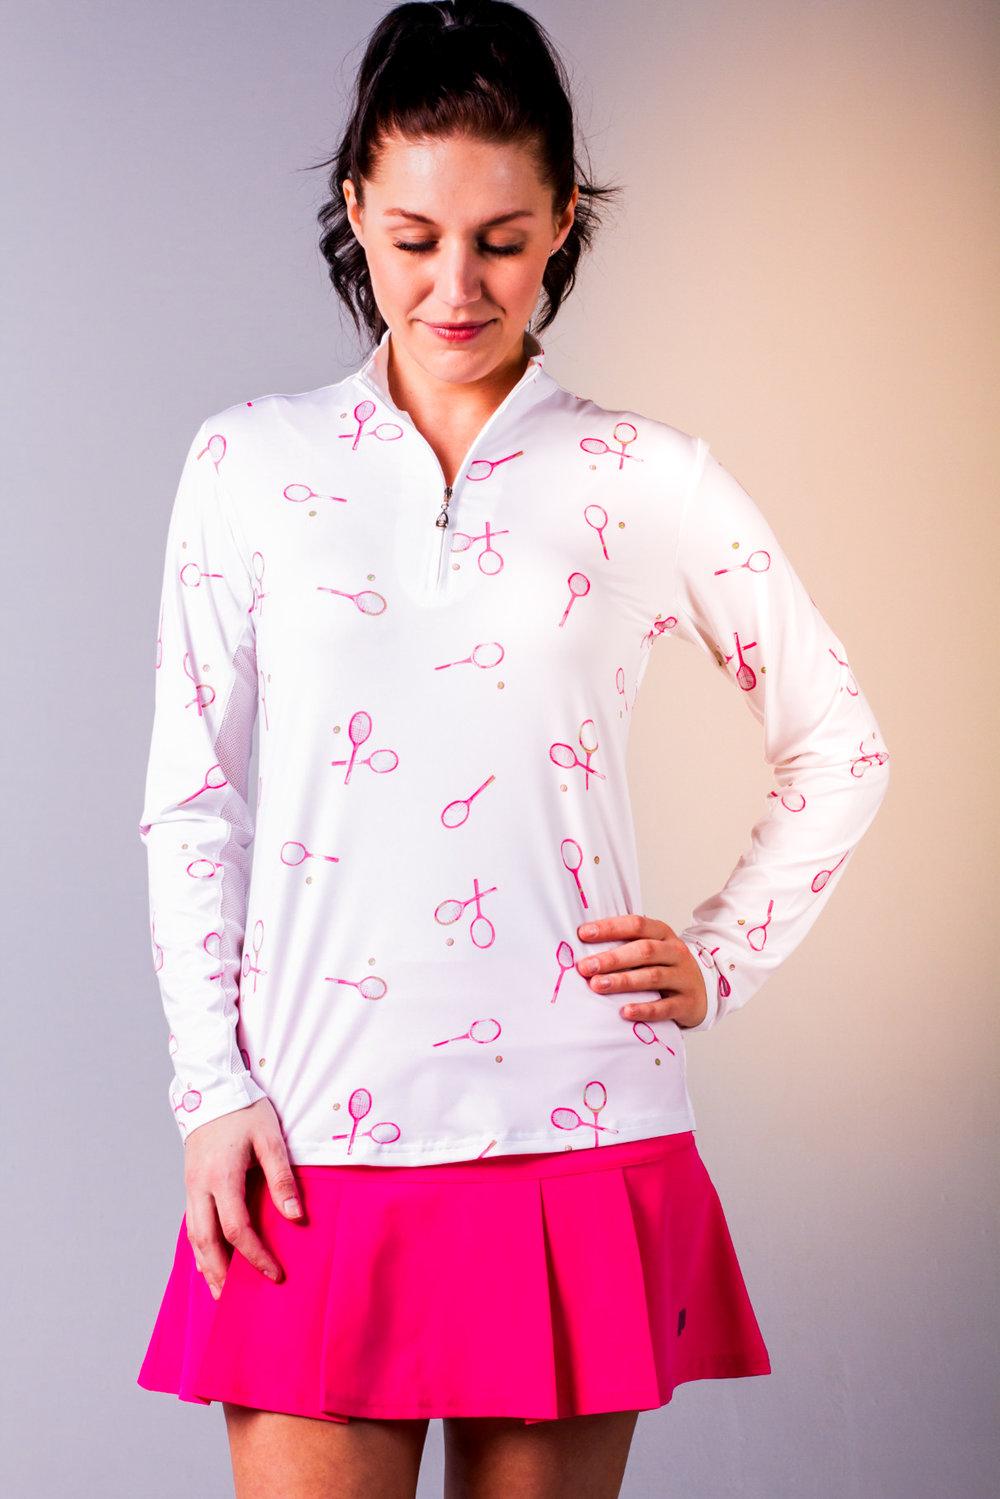 900463 SolCool Tee Time Pink. Zip Mock. SanSoleil (1) - Copy.jpg